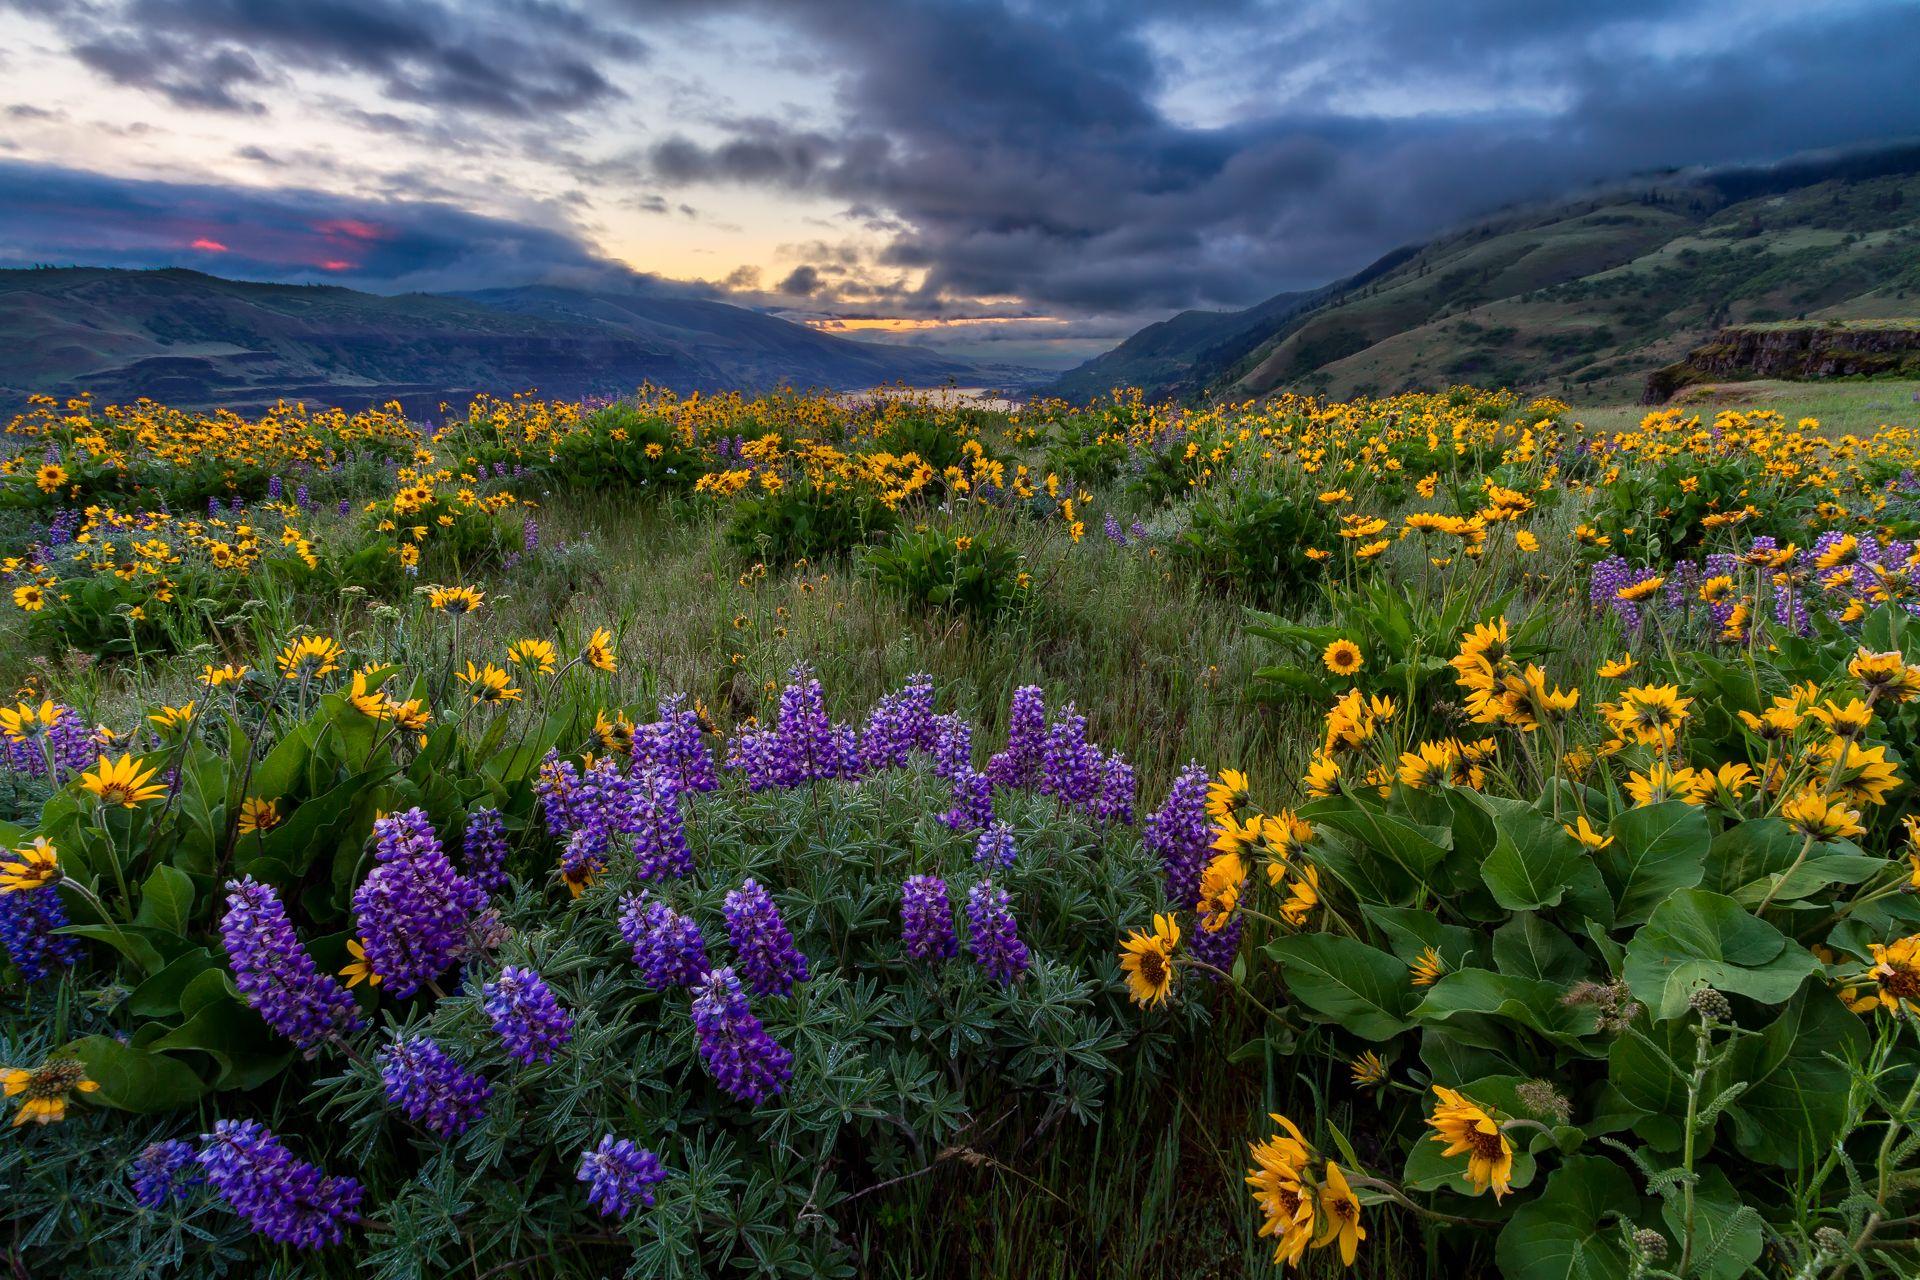 Latest Work Rowena Spring Sunrise Landscape Photography Landscape Photography Spring Landscape Photography Landscape Photography Nature